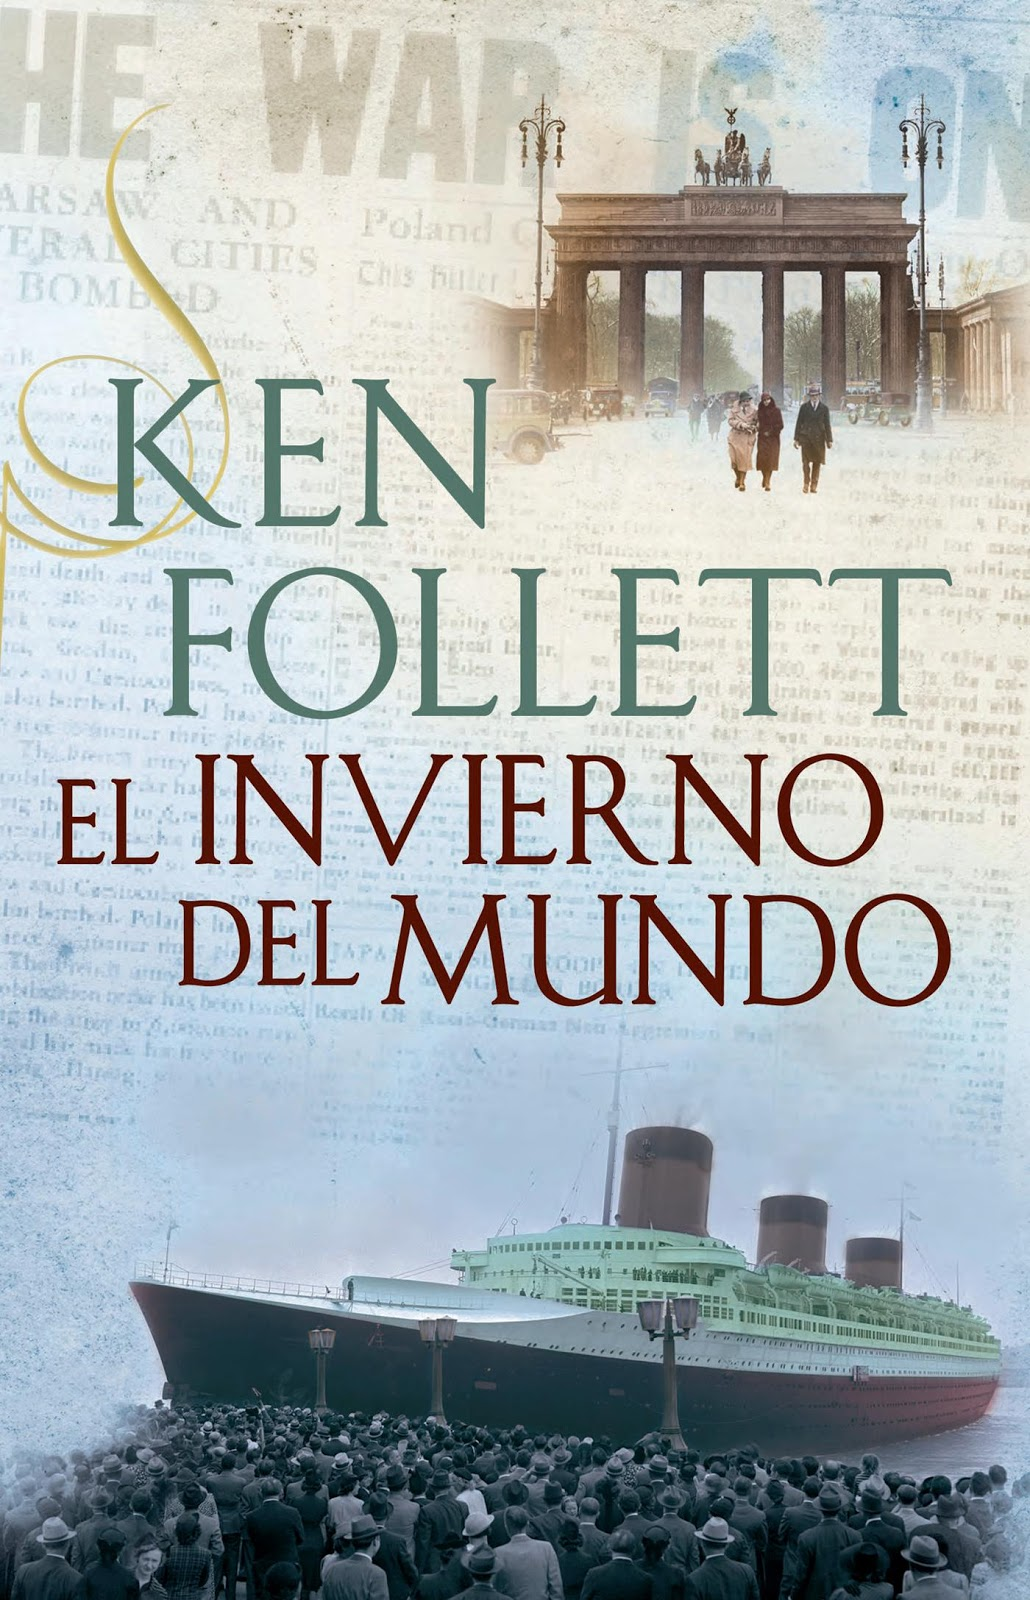 ... del mundo de Ken Follet segunda parte de la Trilogía The Century